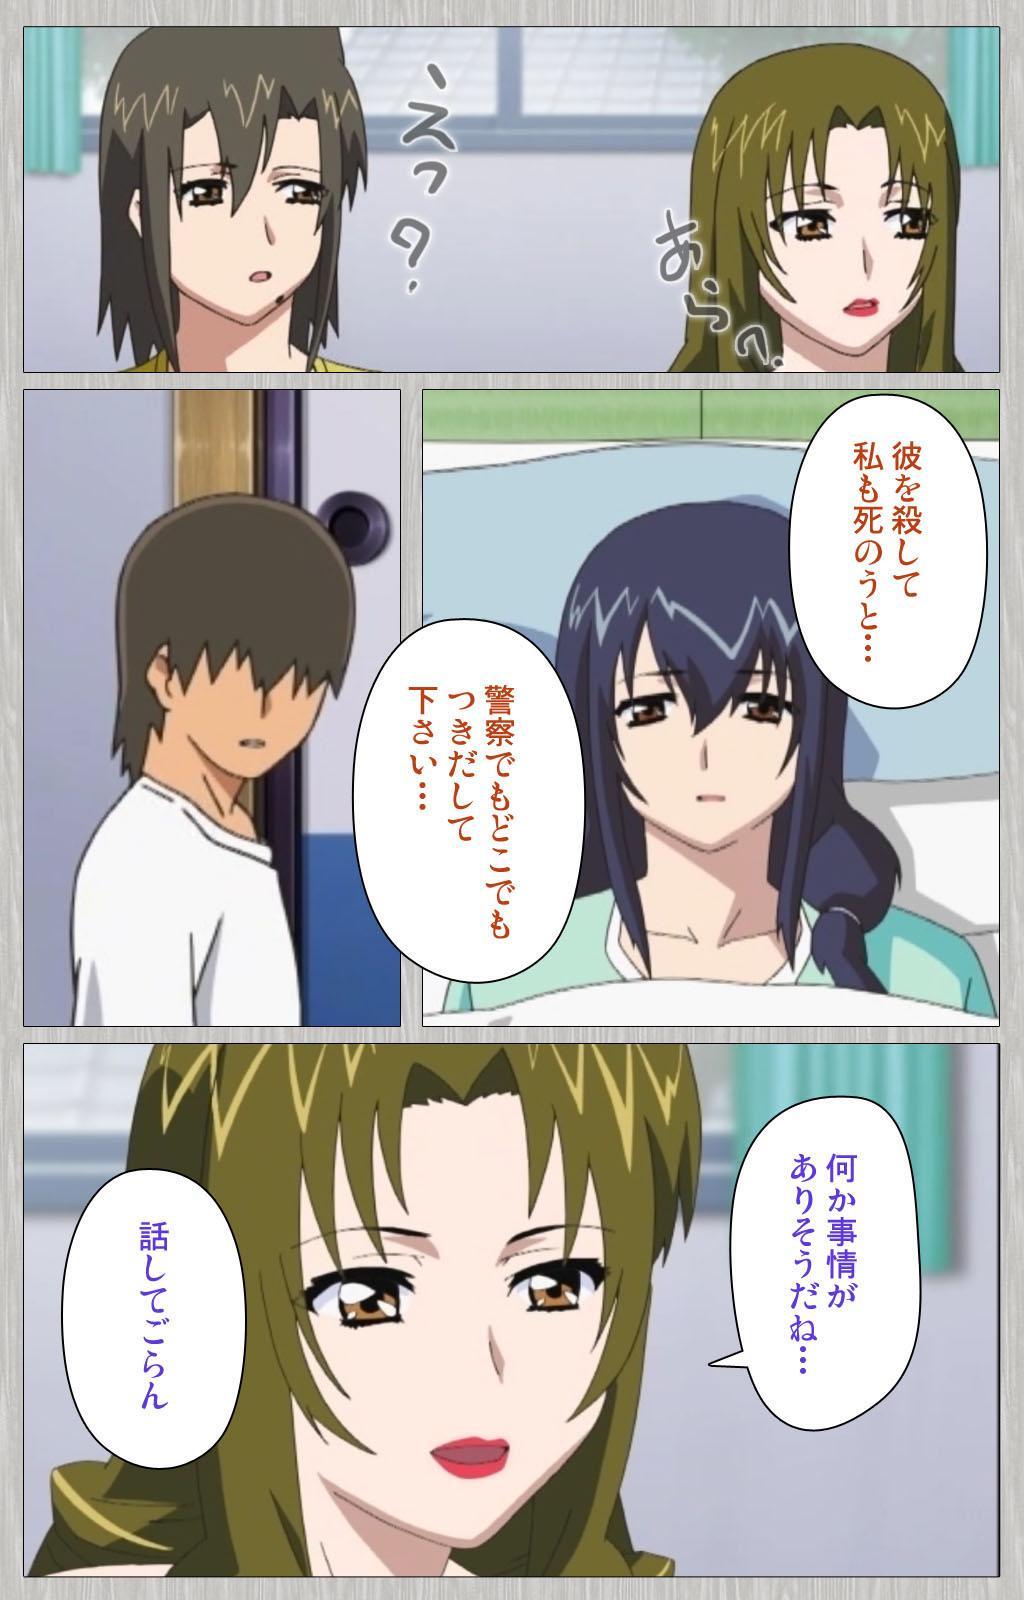 Tsuma no haha Sayuri Kanzenban 139